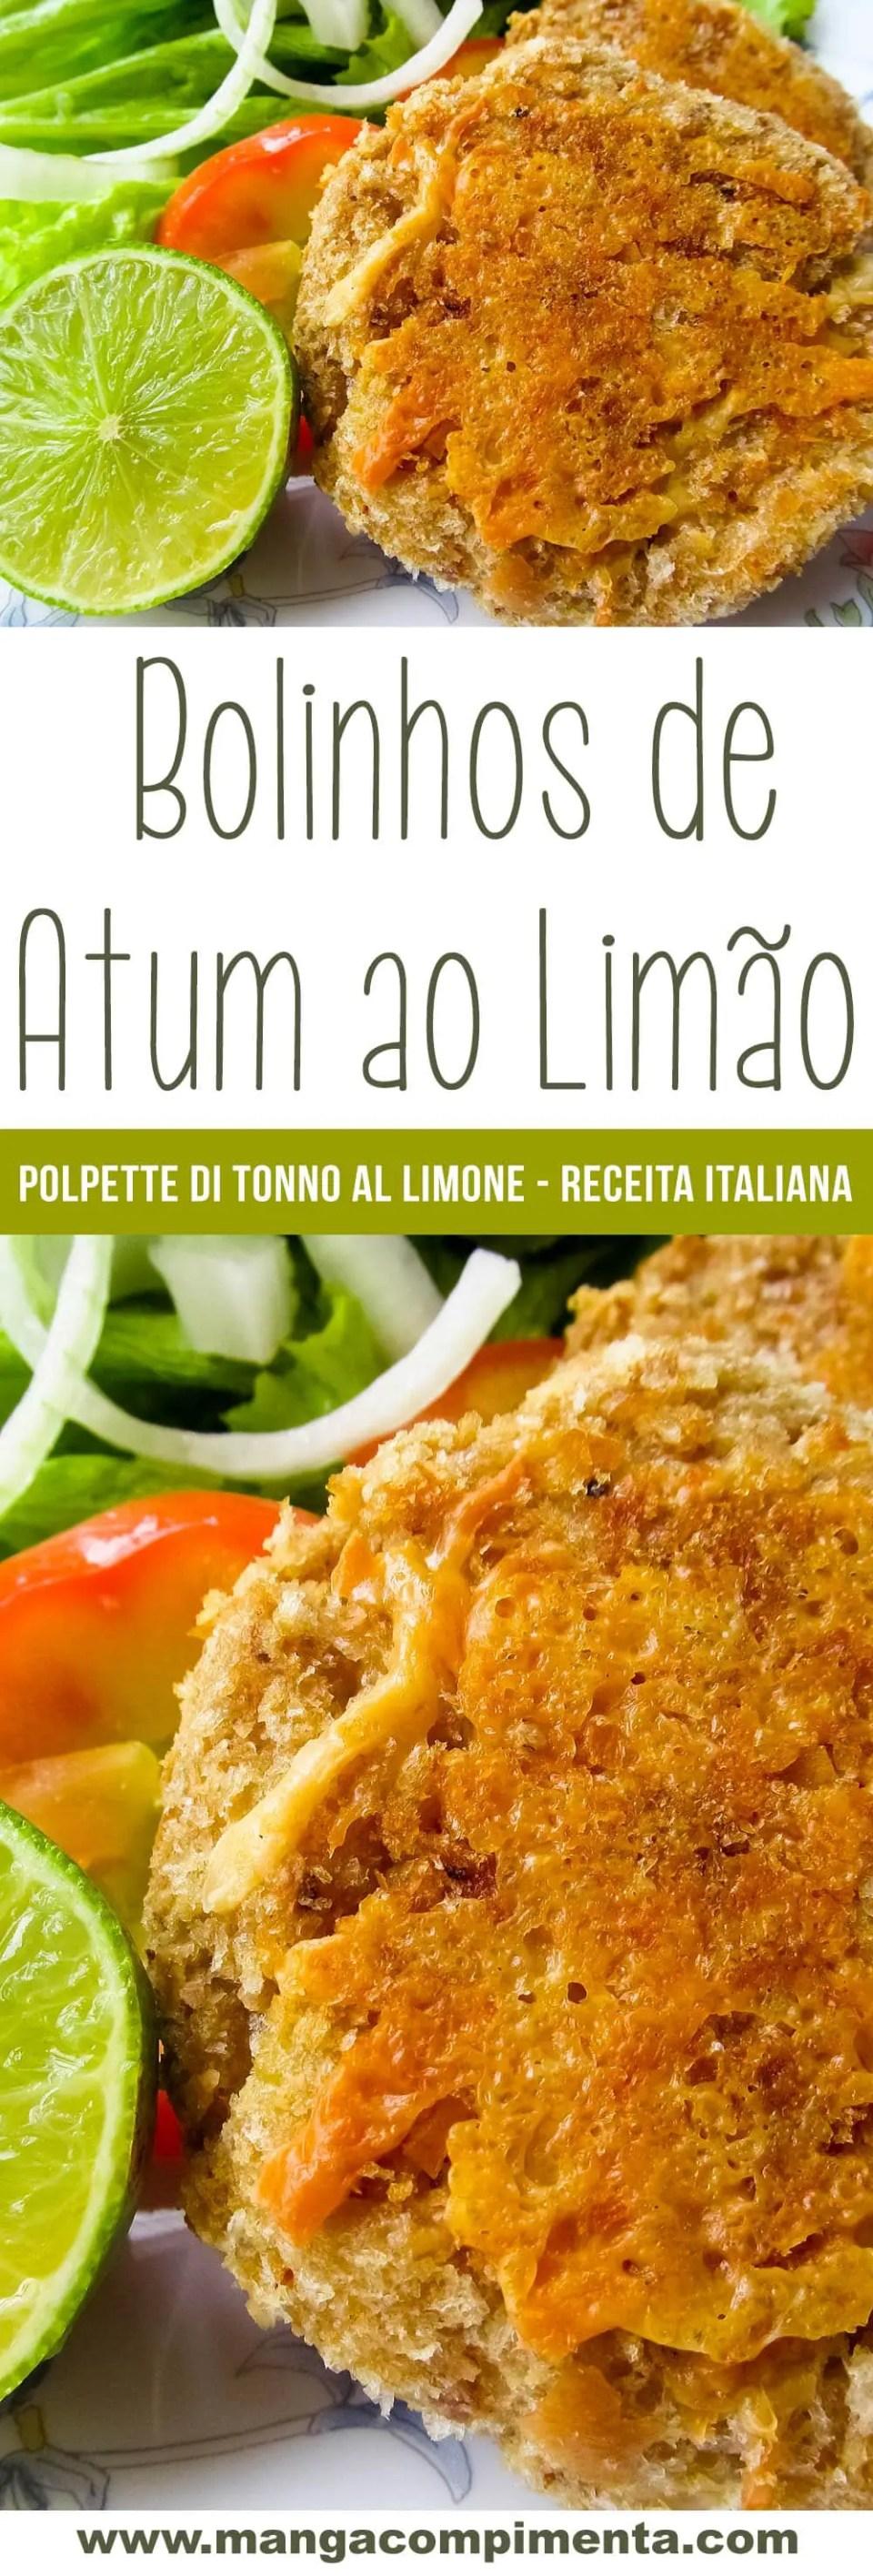 Bolinhos de Atum ao Limão | Polpette di Tonno al Limone – Receita Italiana